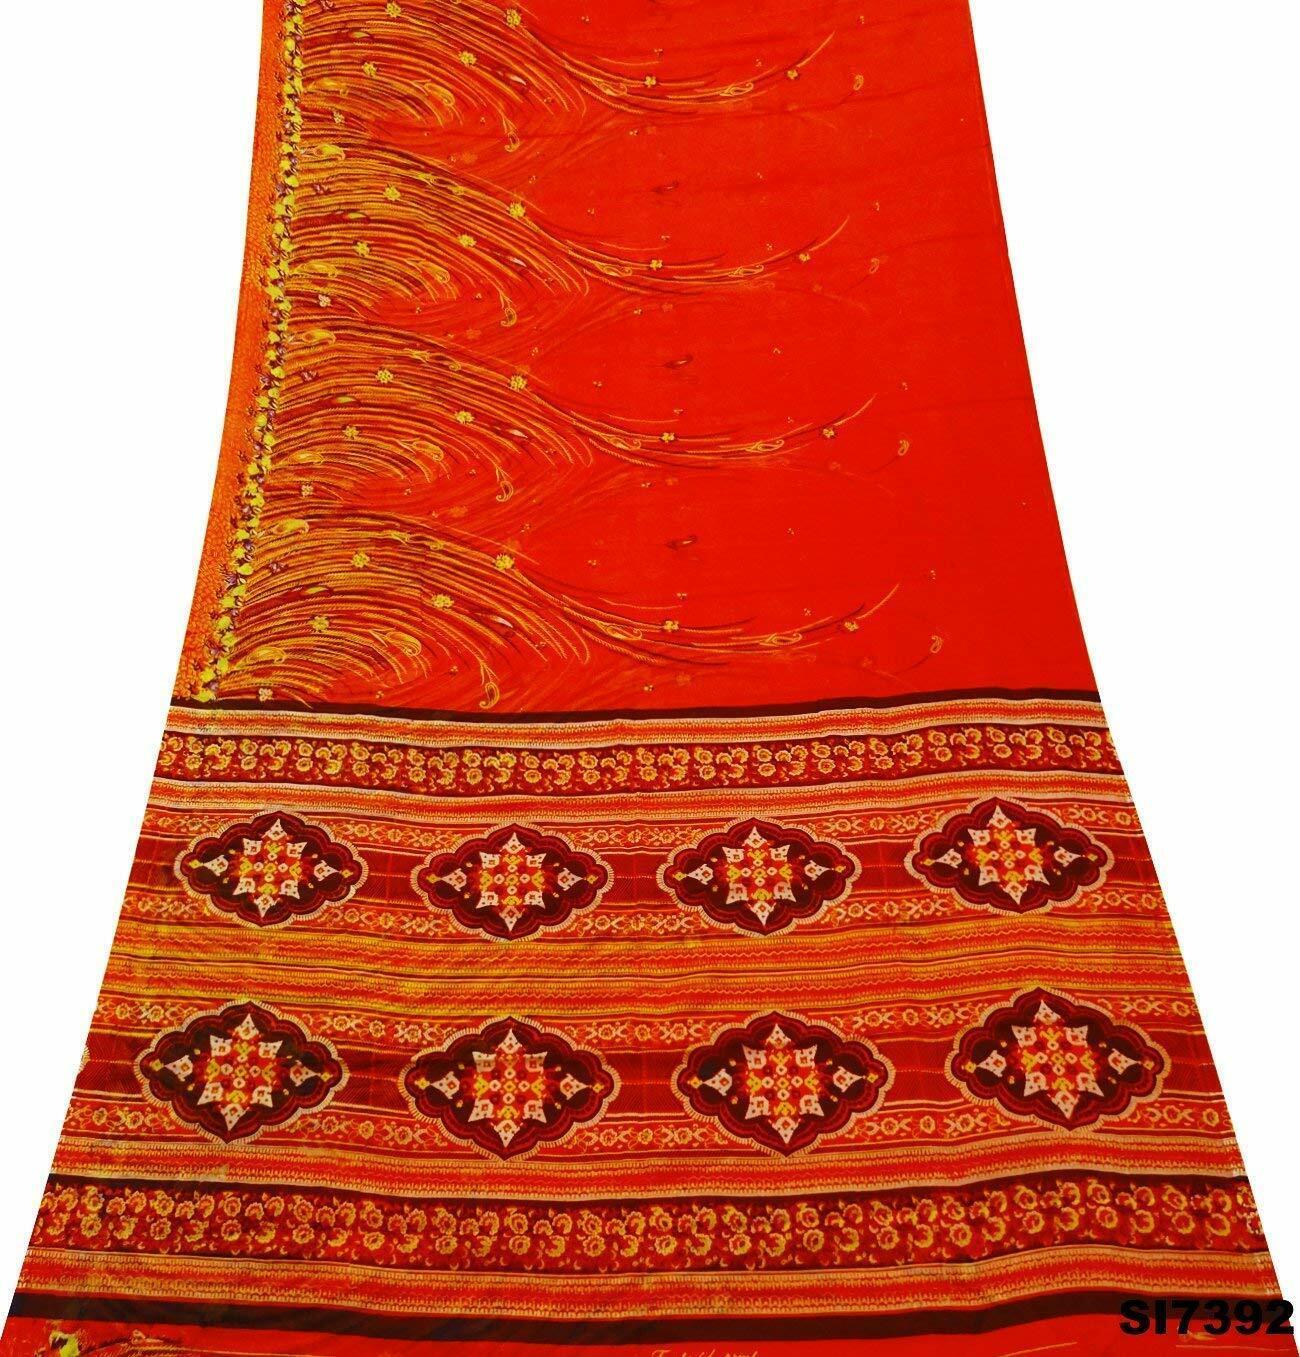 Modisch Jahrgang Saree Seide Mischung Stoff Blumen Orange Damen 5 Yd Sari SI7392